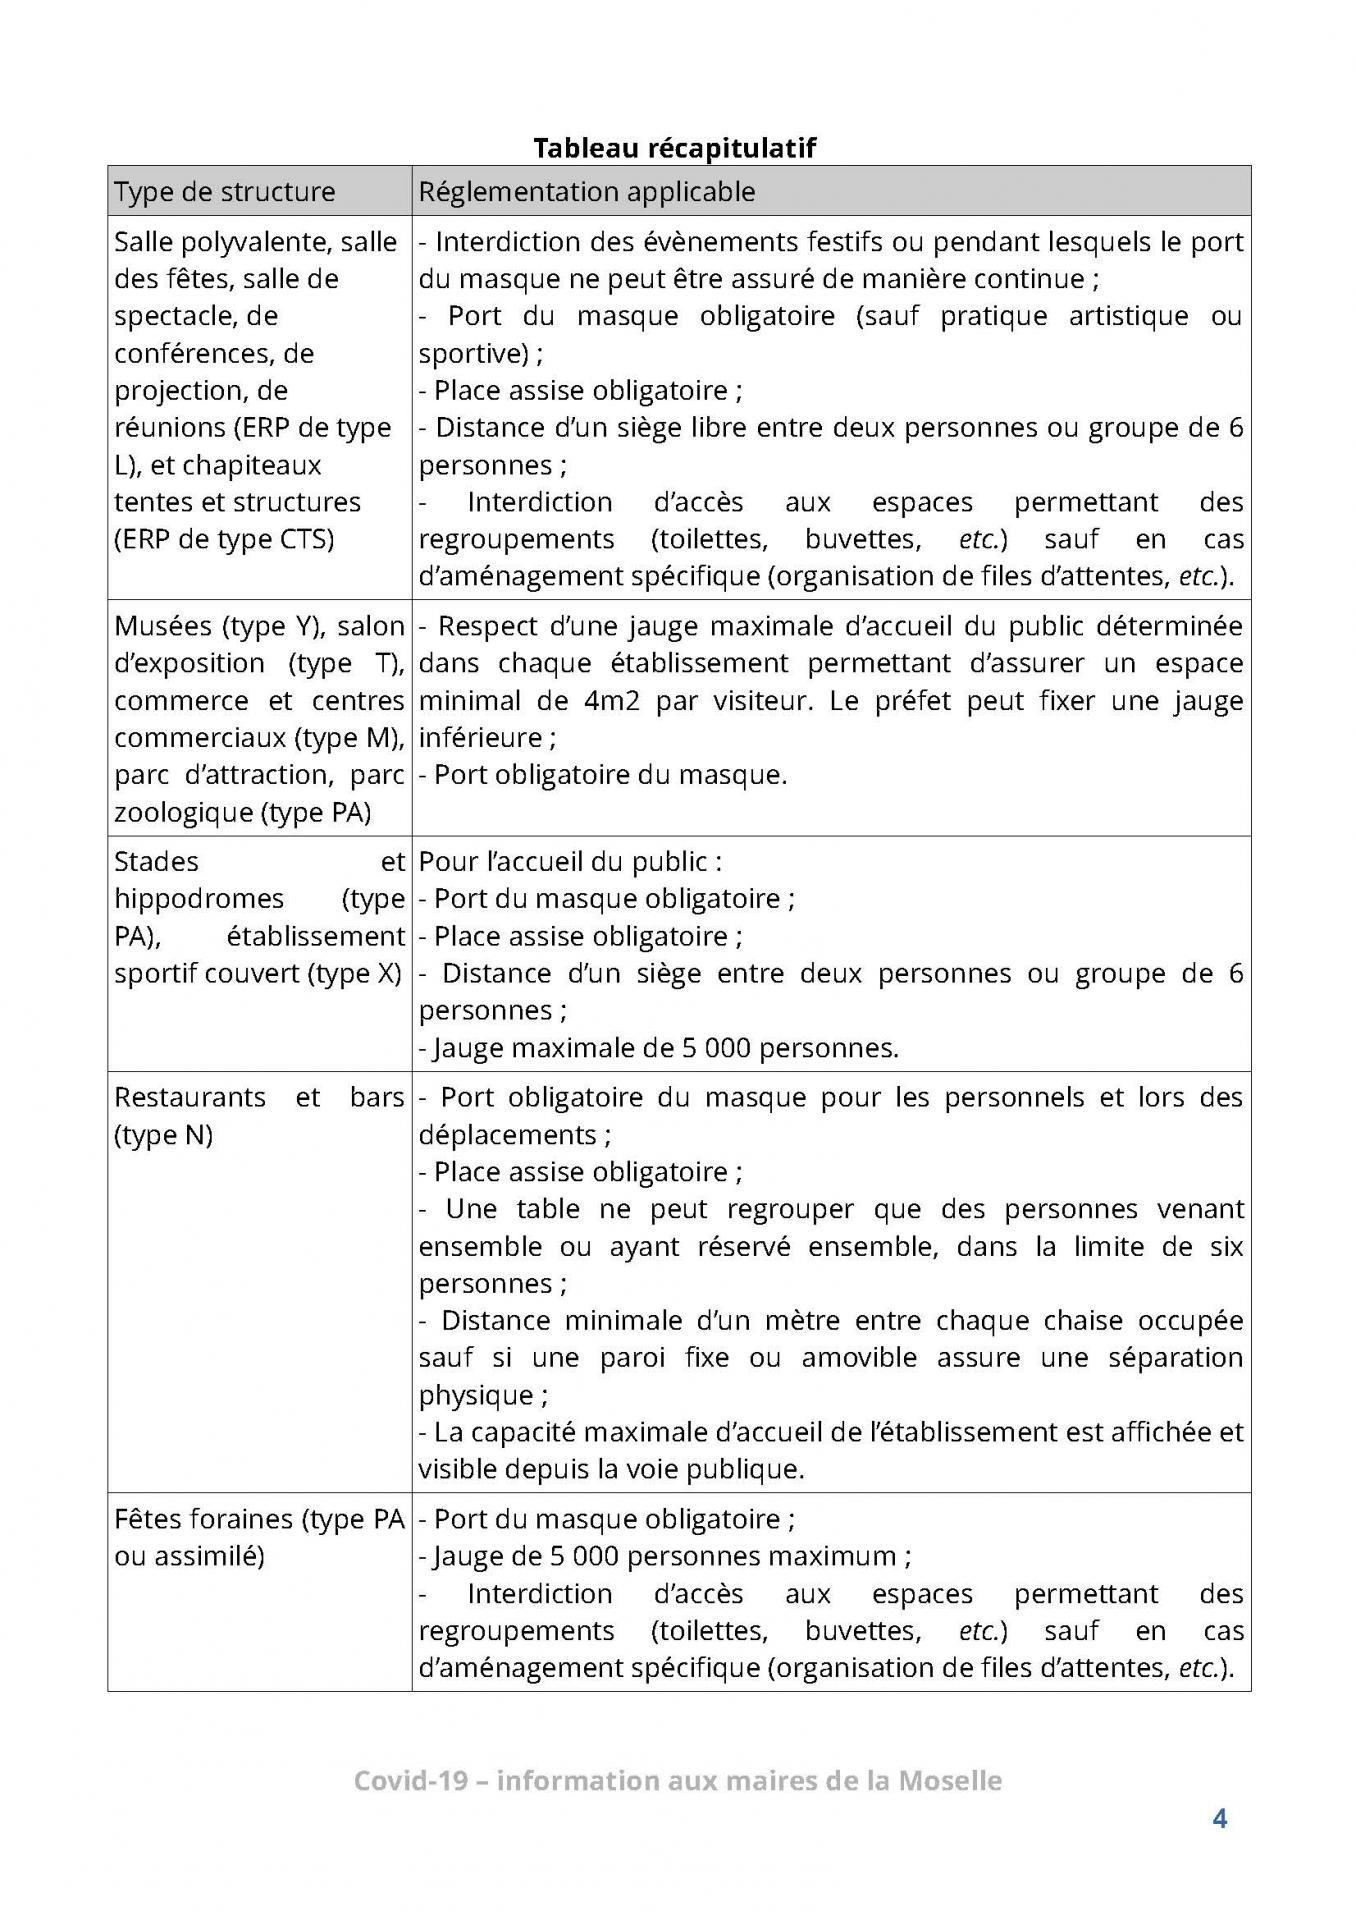 Pages de lettre d information aux maires n 19 covid page 4